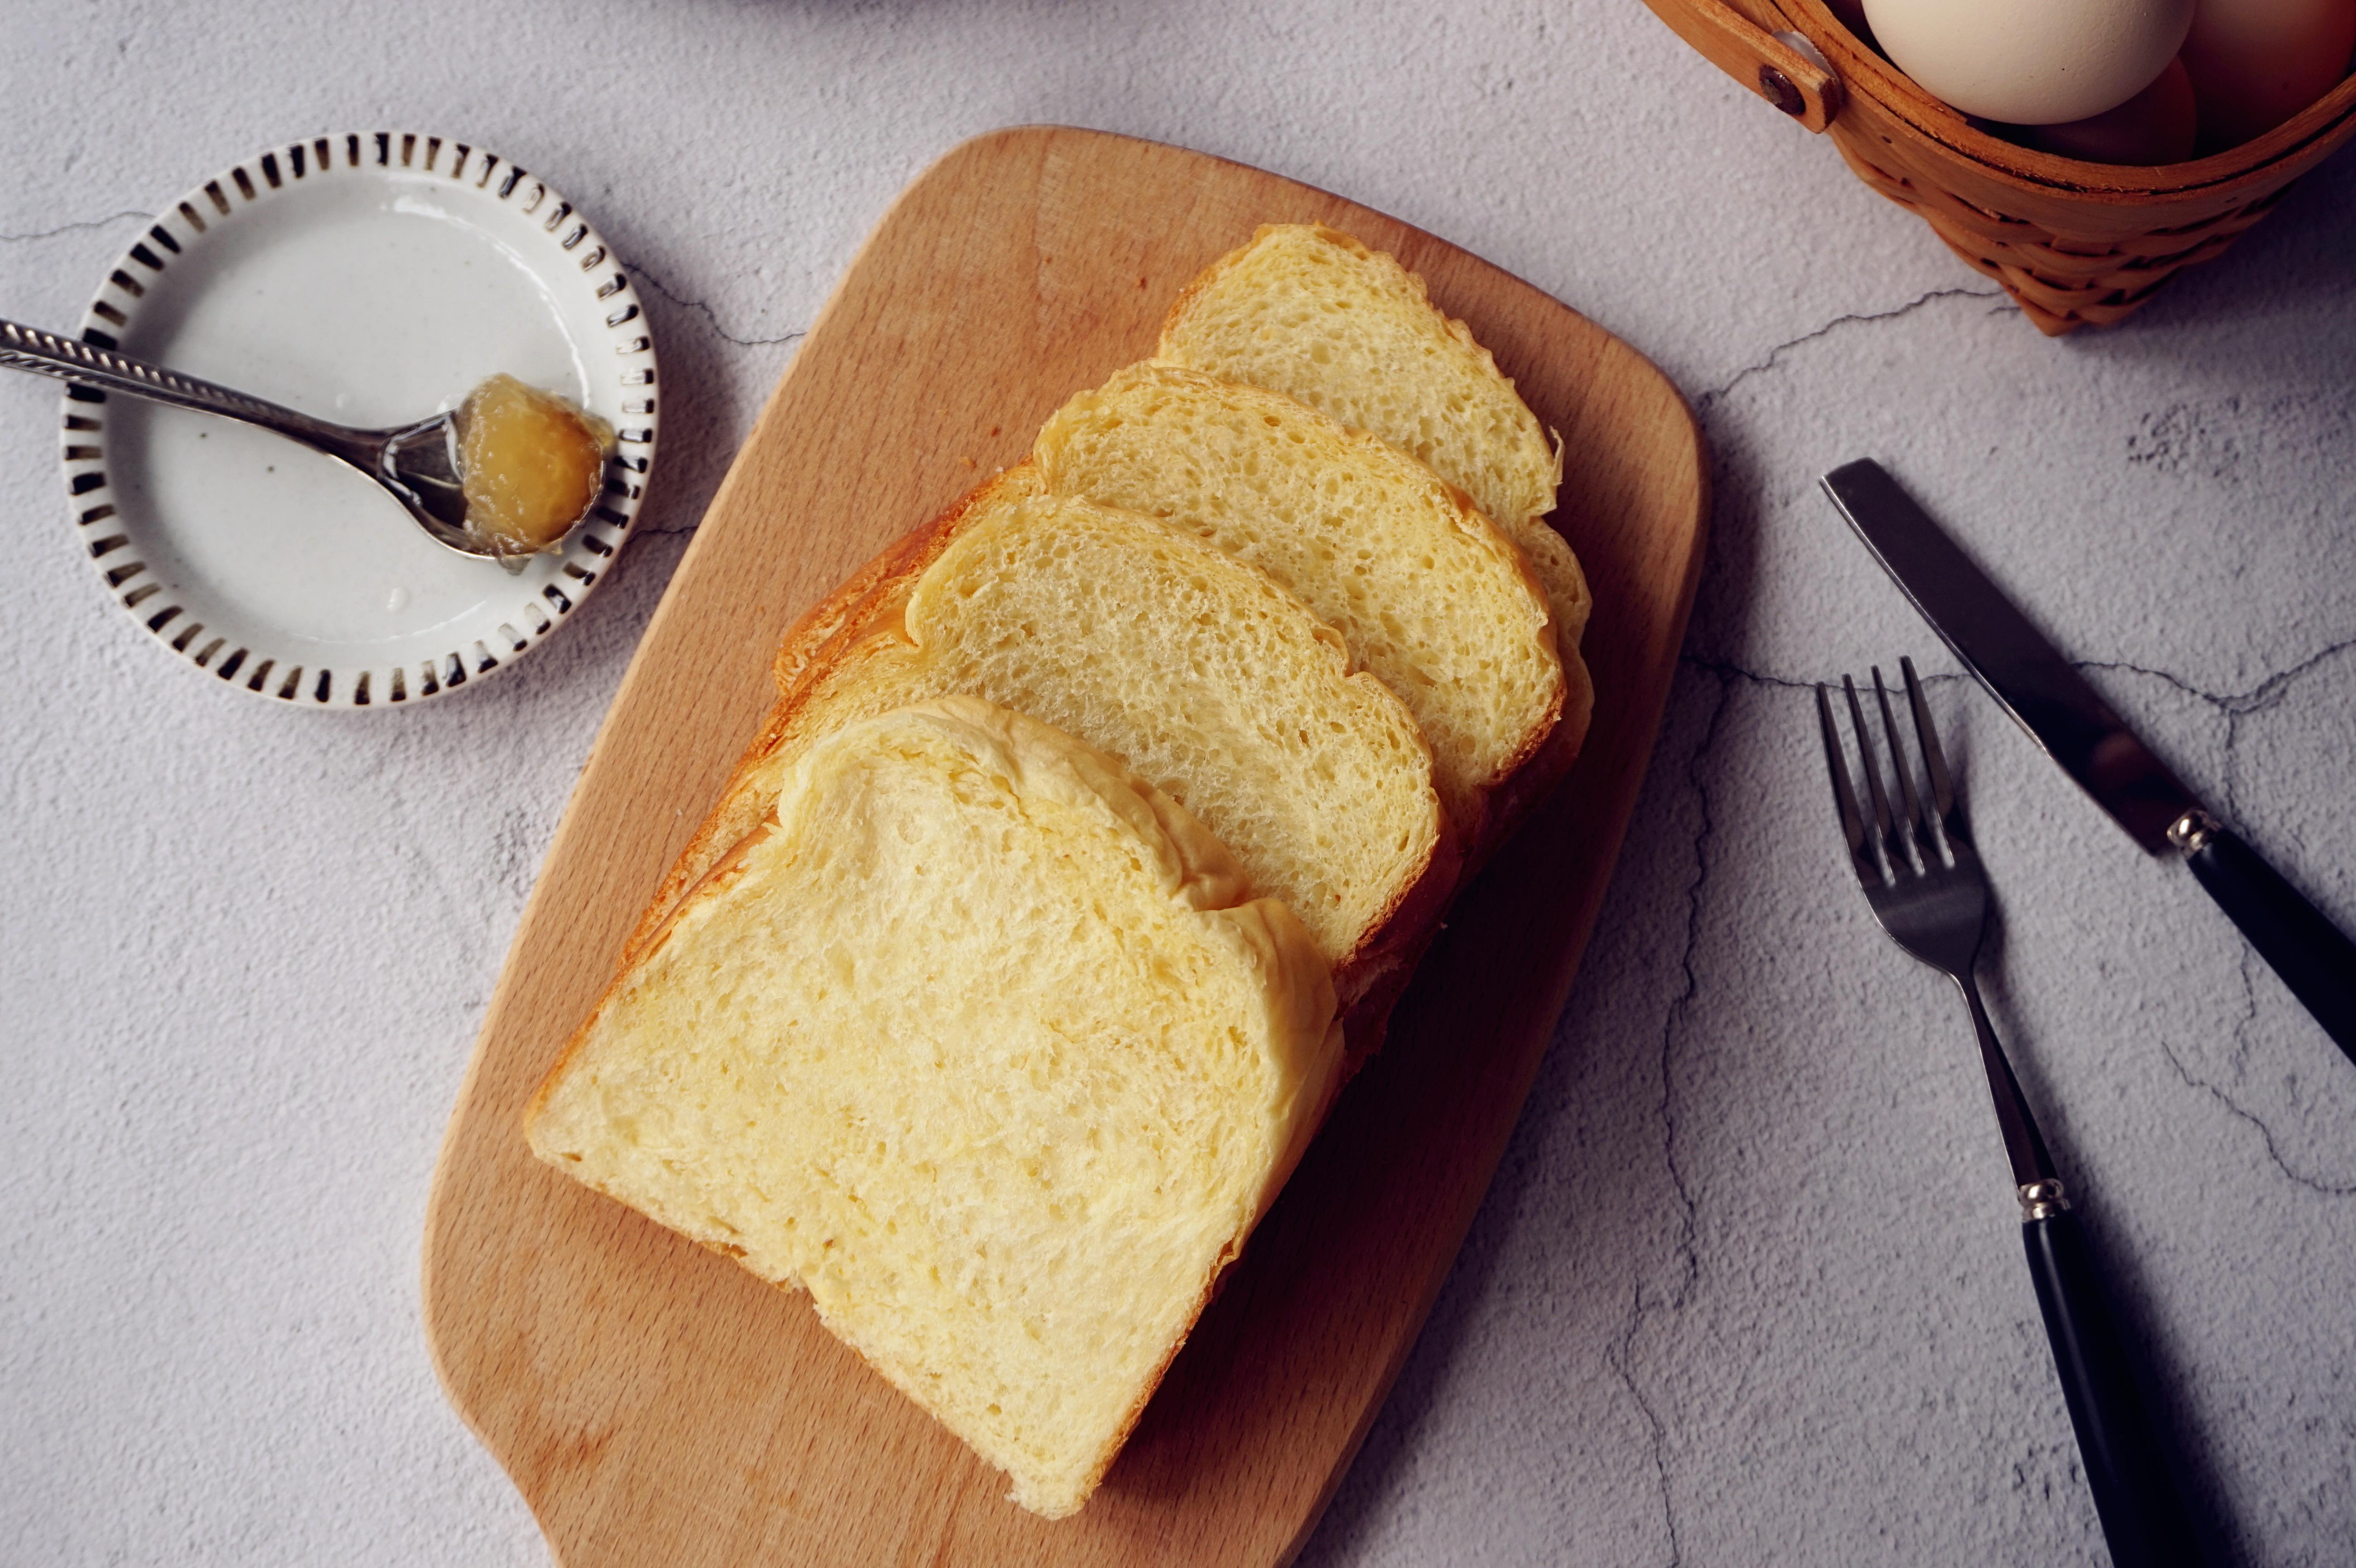 我用面包机就能做出营养面包,比买的还柔软